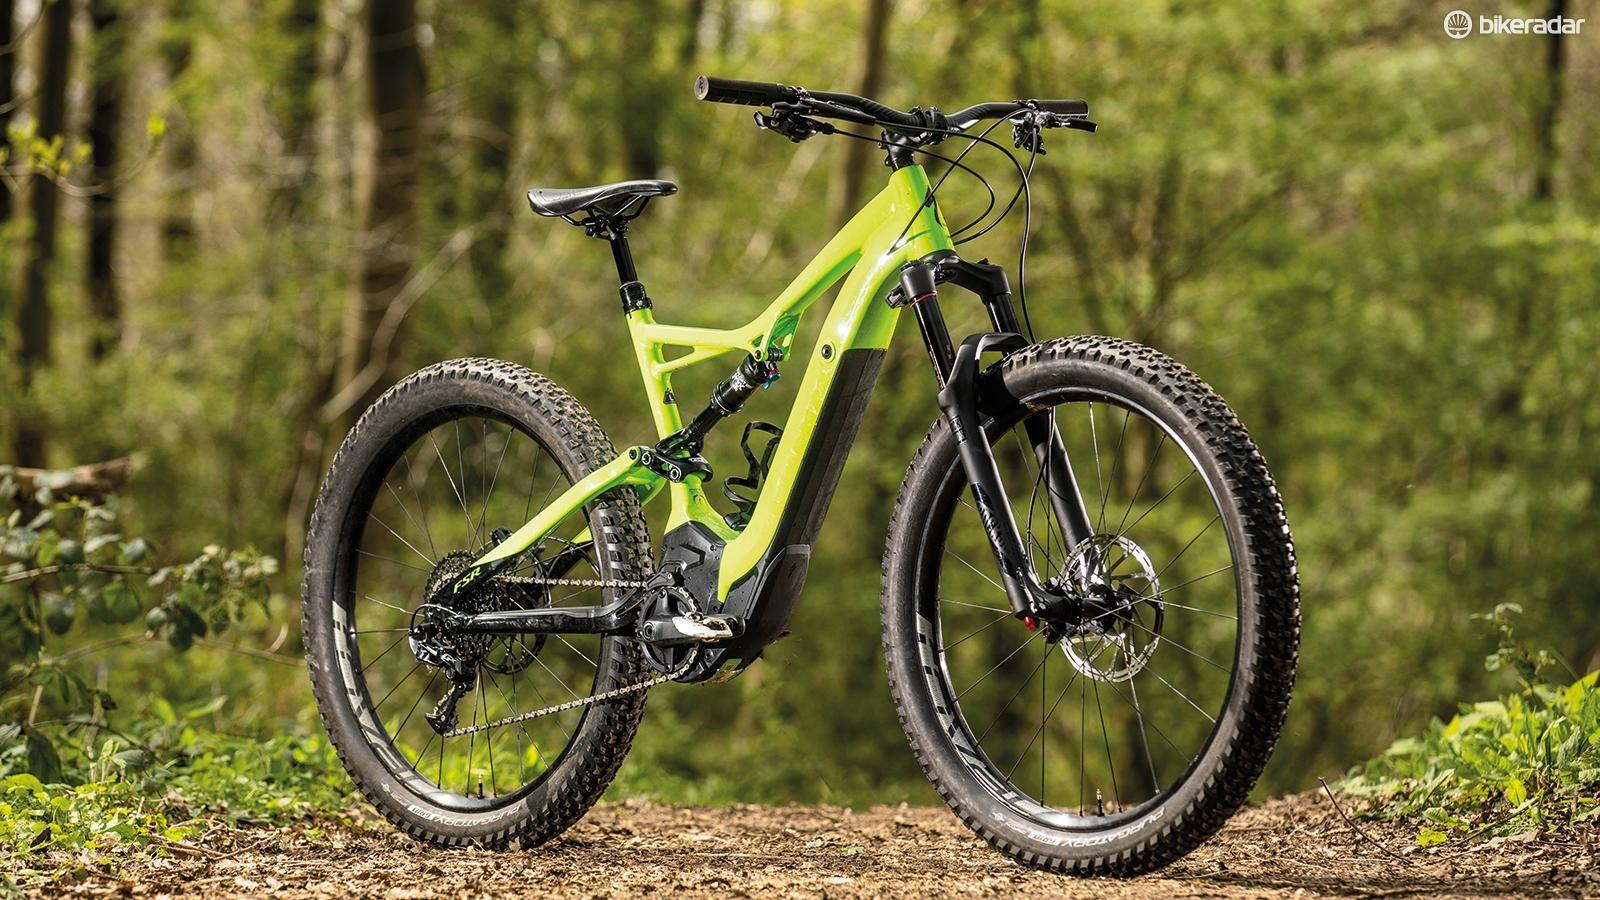 Specialized Turbo Levo FSR Comp e-MTB review - BikeRadar